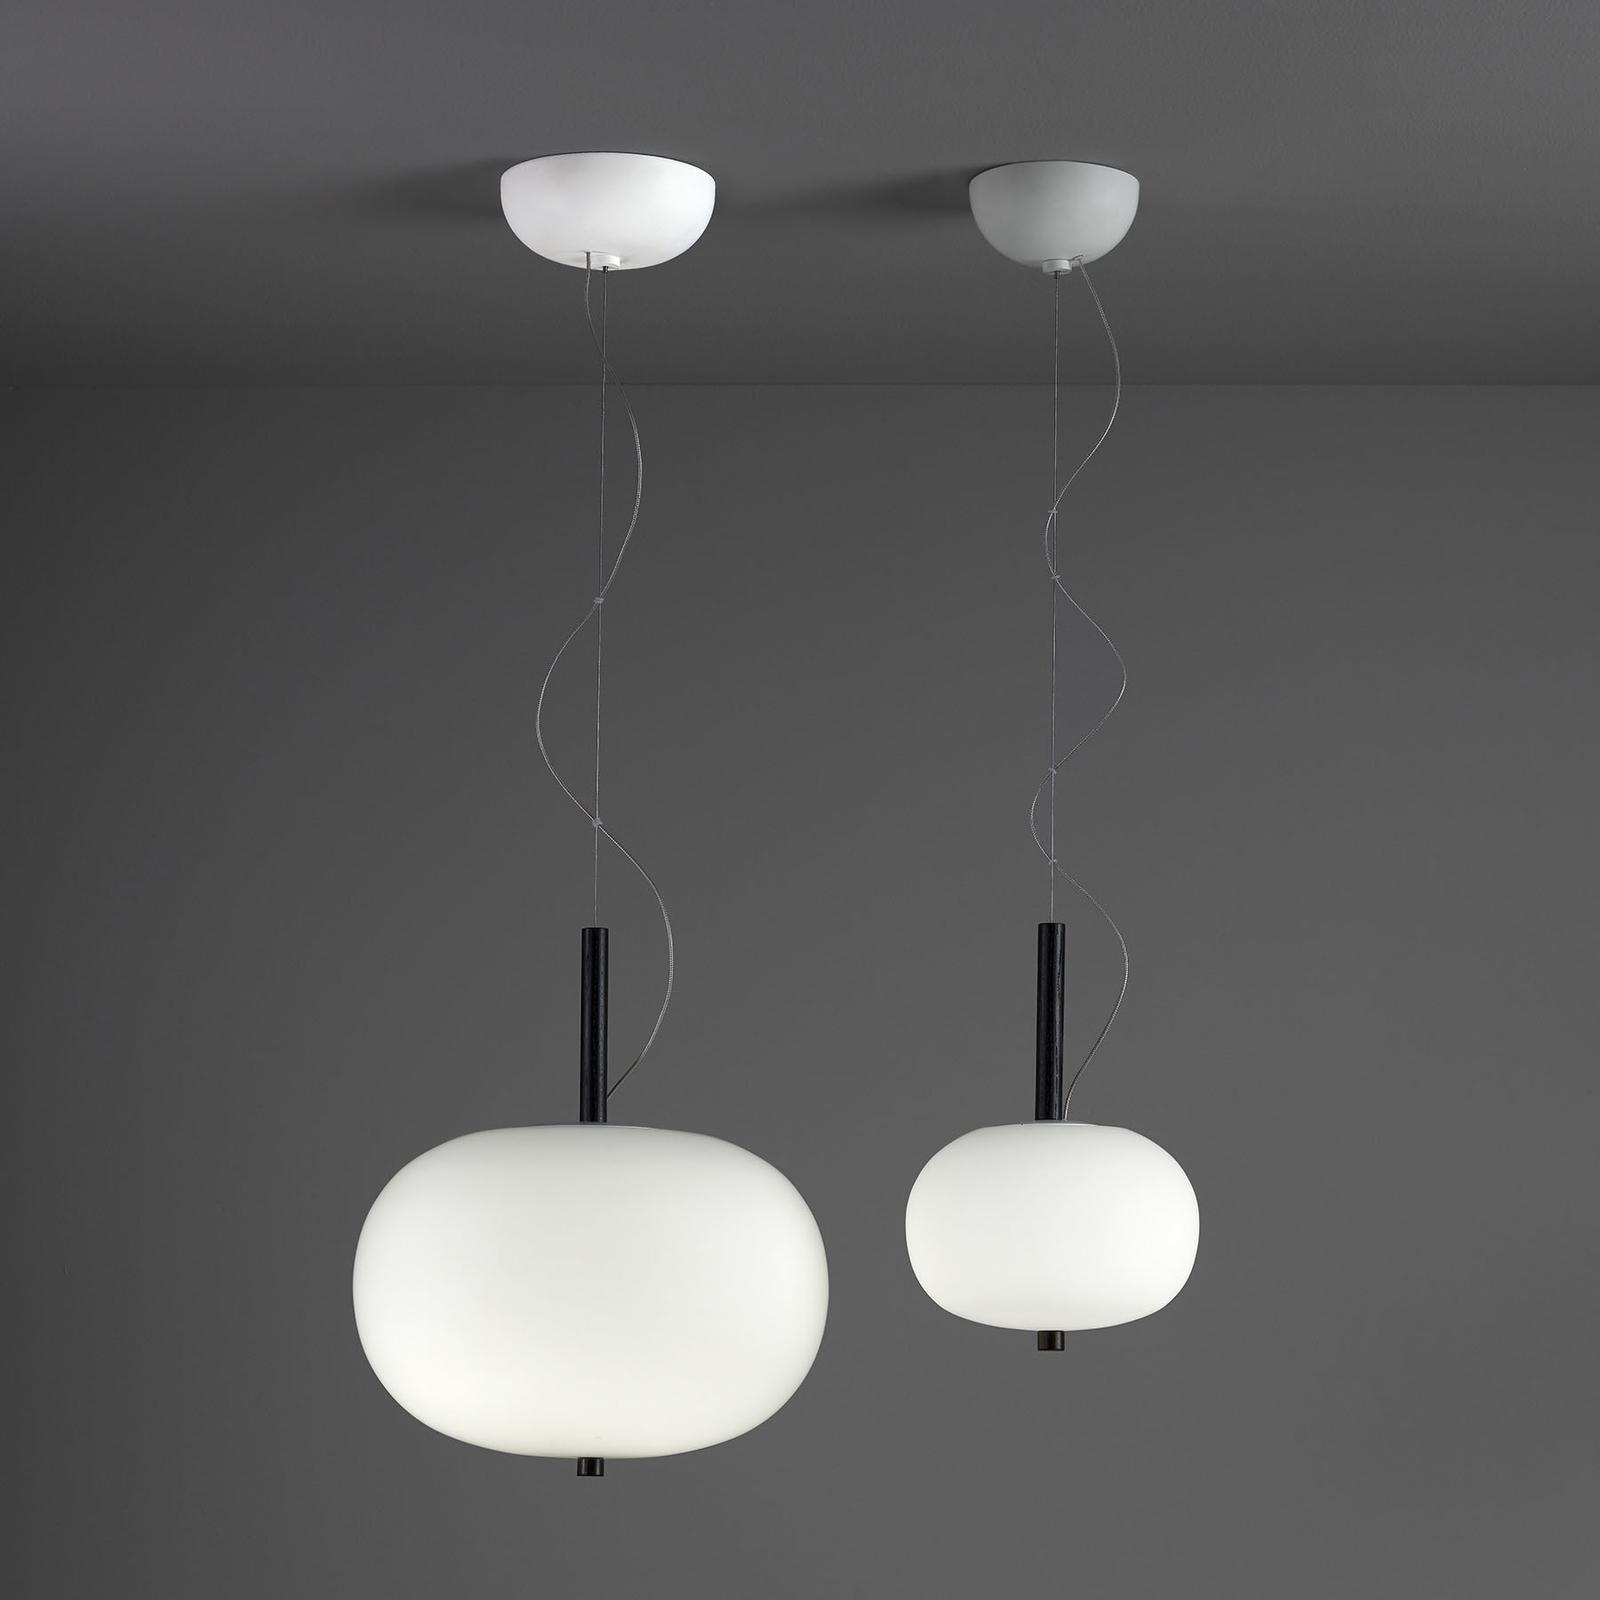 Grok Ilargi LED hanglamp Phase donker Ø 39,5 cm